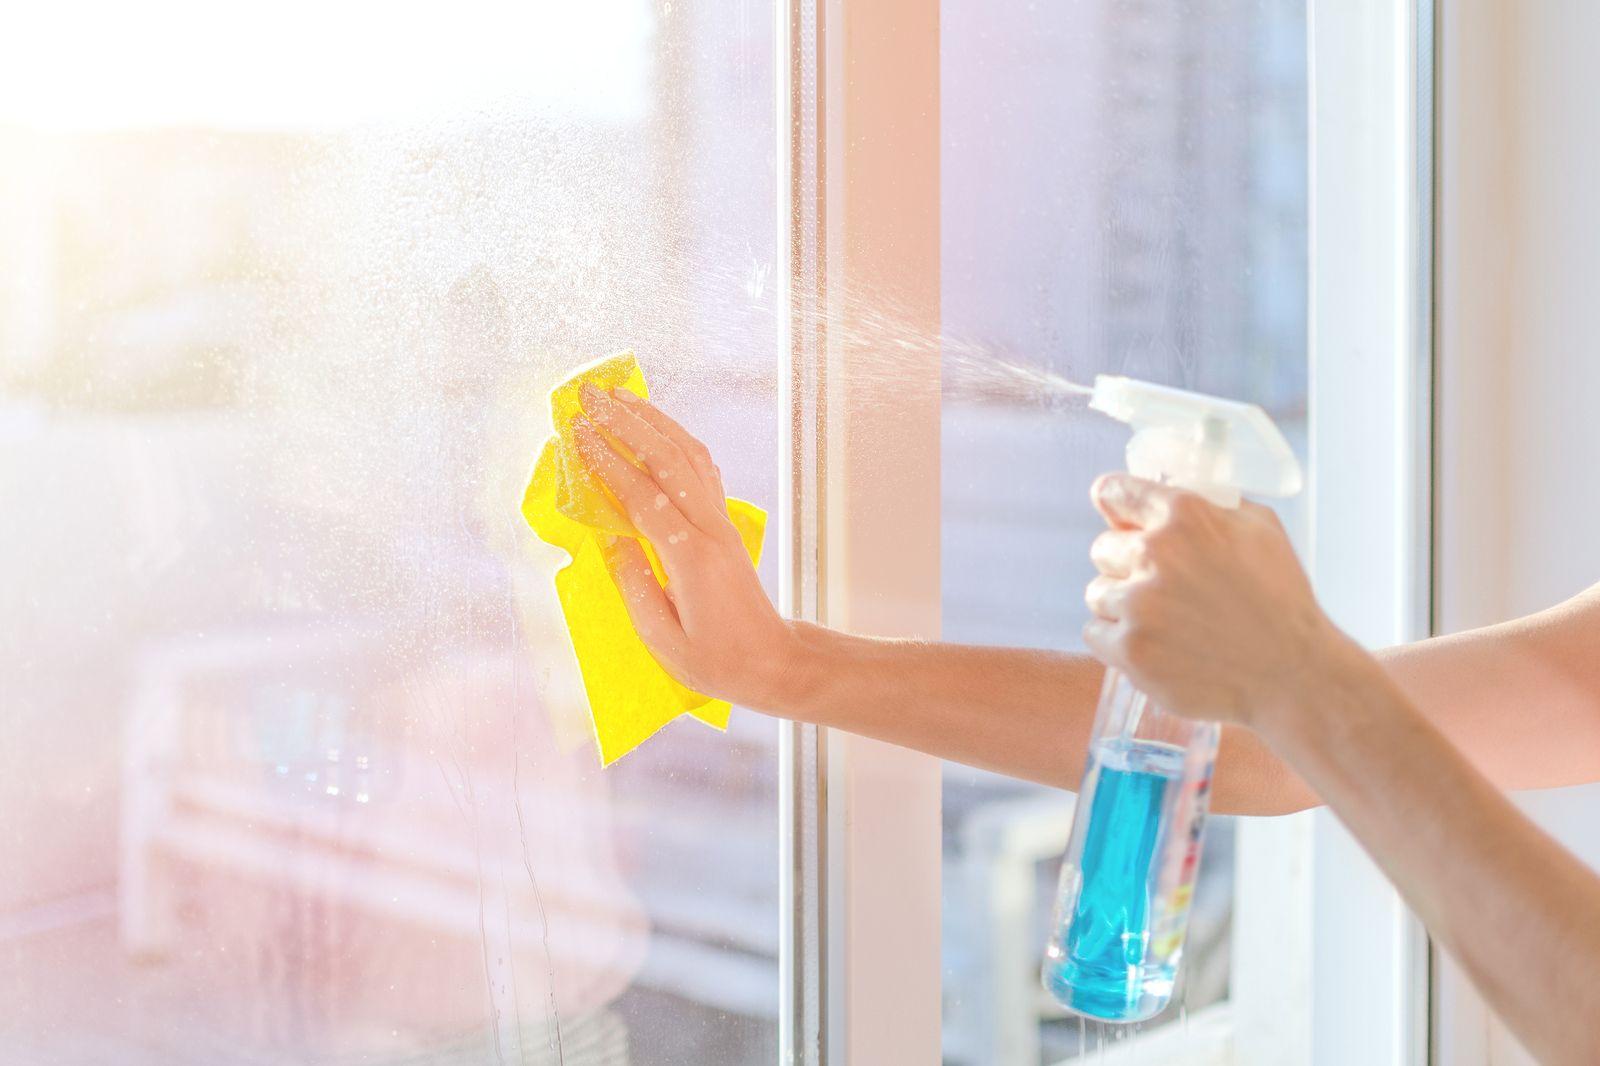 Trucos para limpiar los cristales de ventanas y puertas - Como limpiar los cristales para que queden perfectos ...